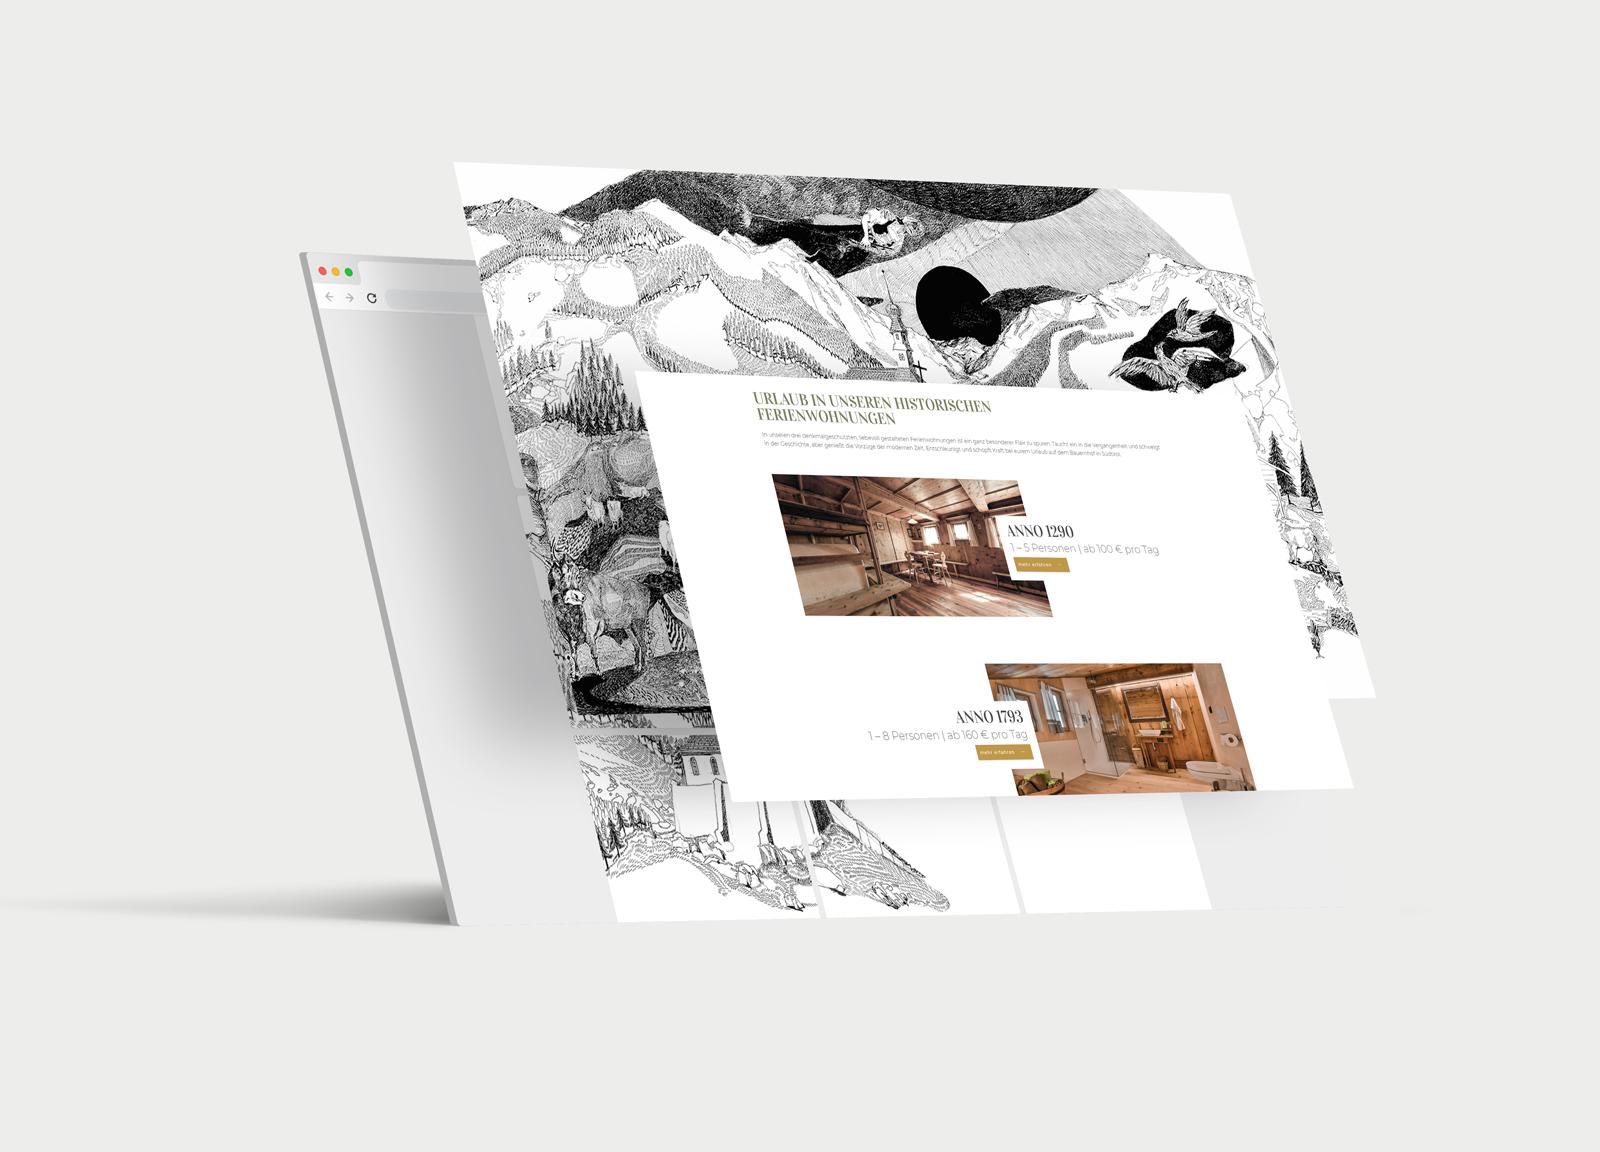 Oberniederhof Website